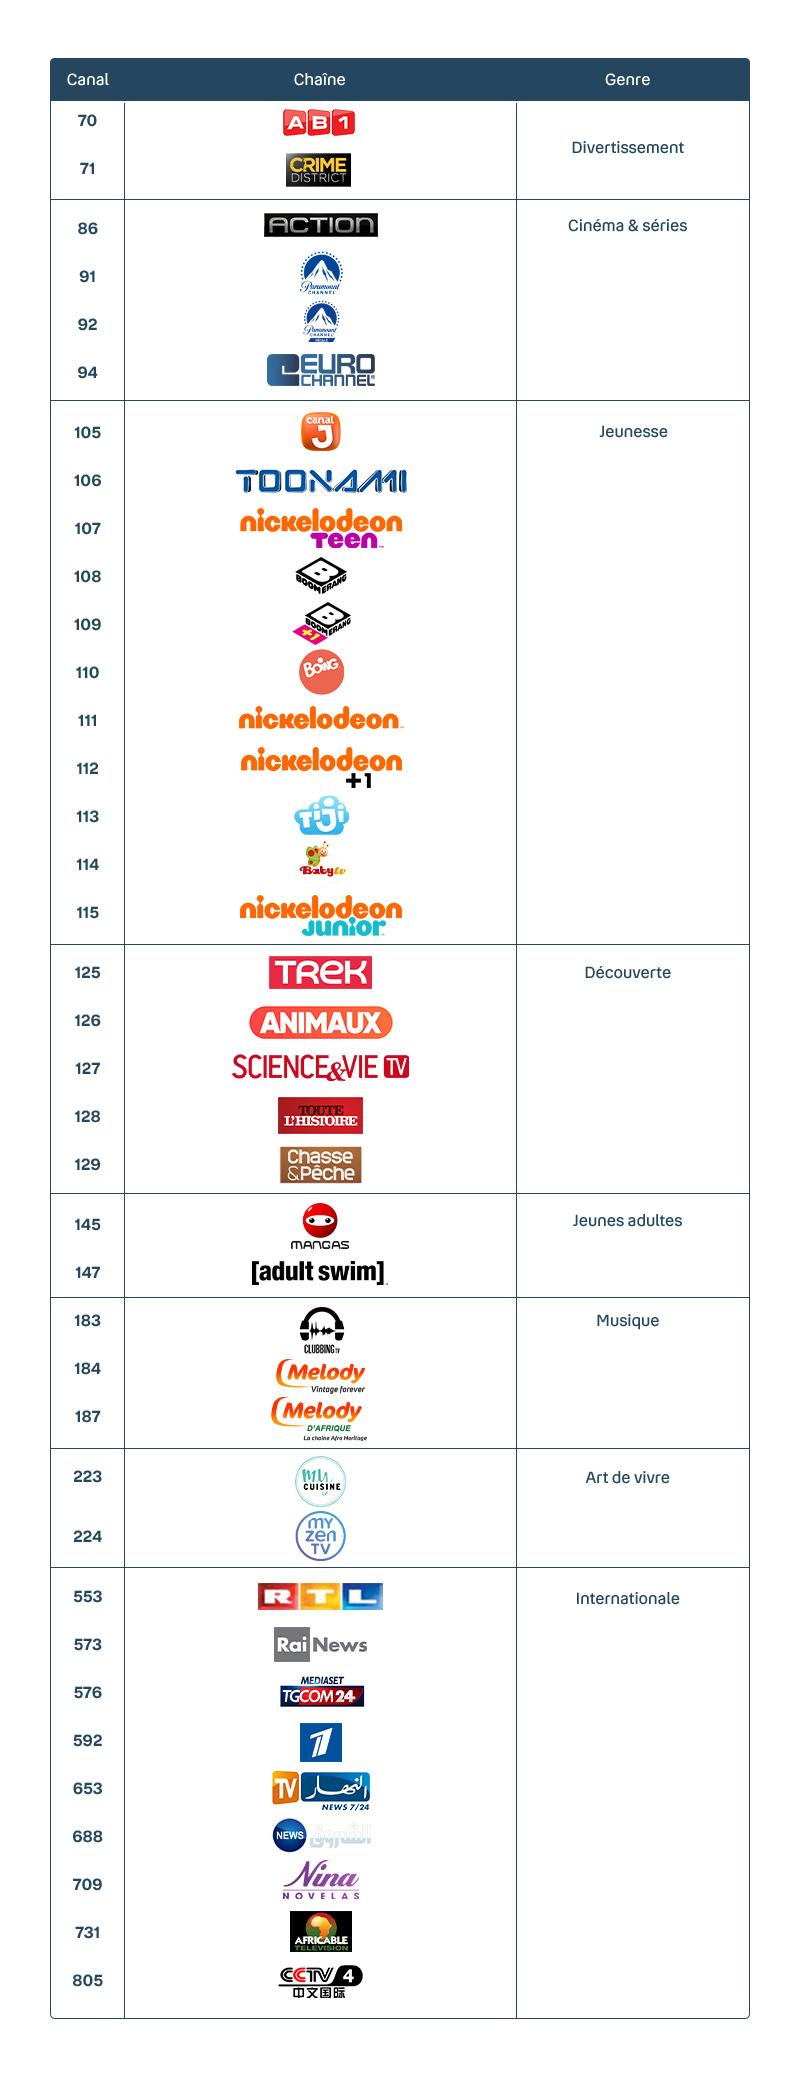 Chaînes offertes en clair - Bouygues Telecom - Bbox